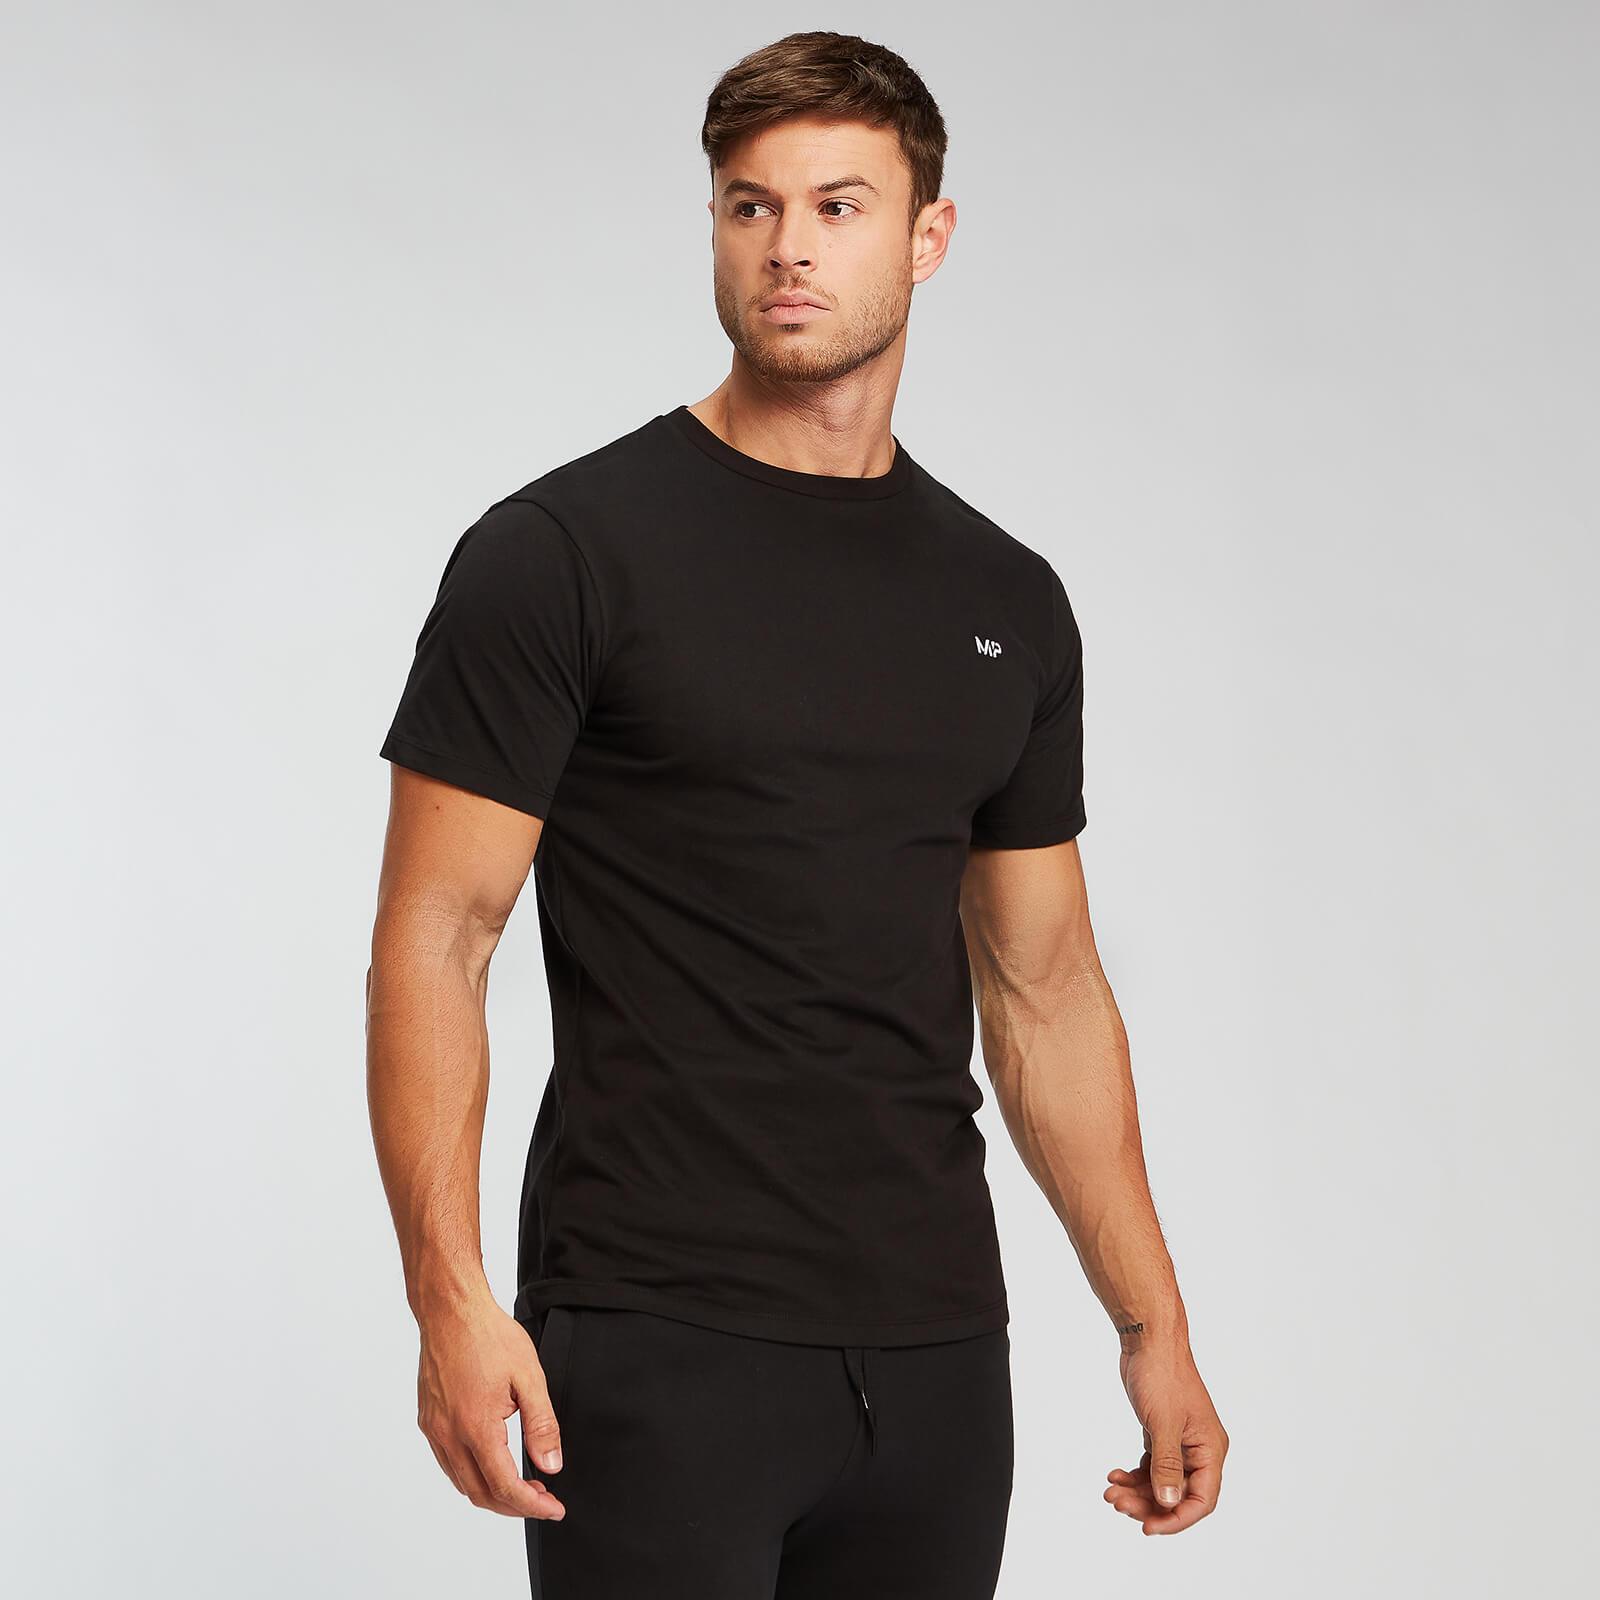 Mp Essentials T-Shirt - Sort - L